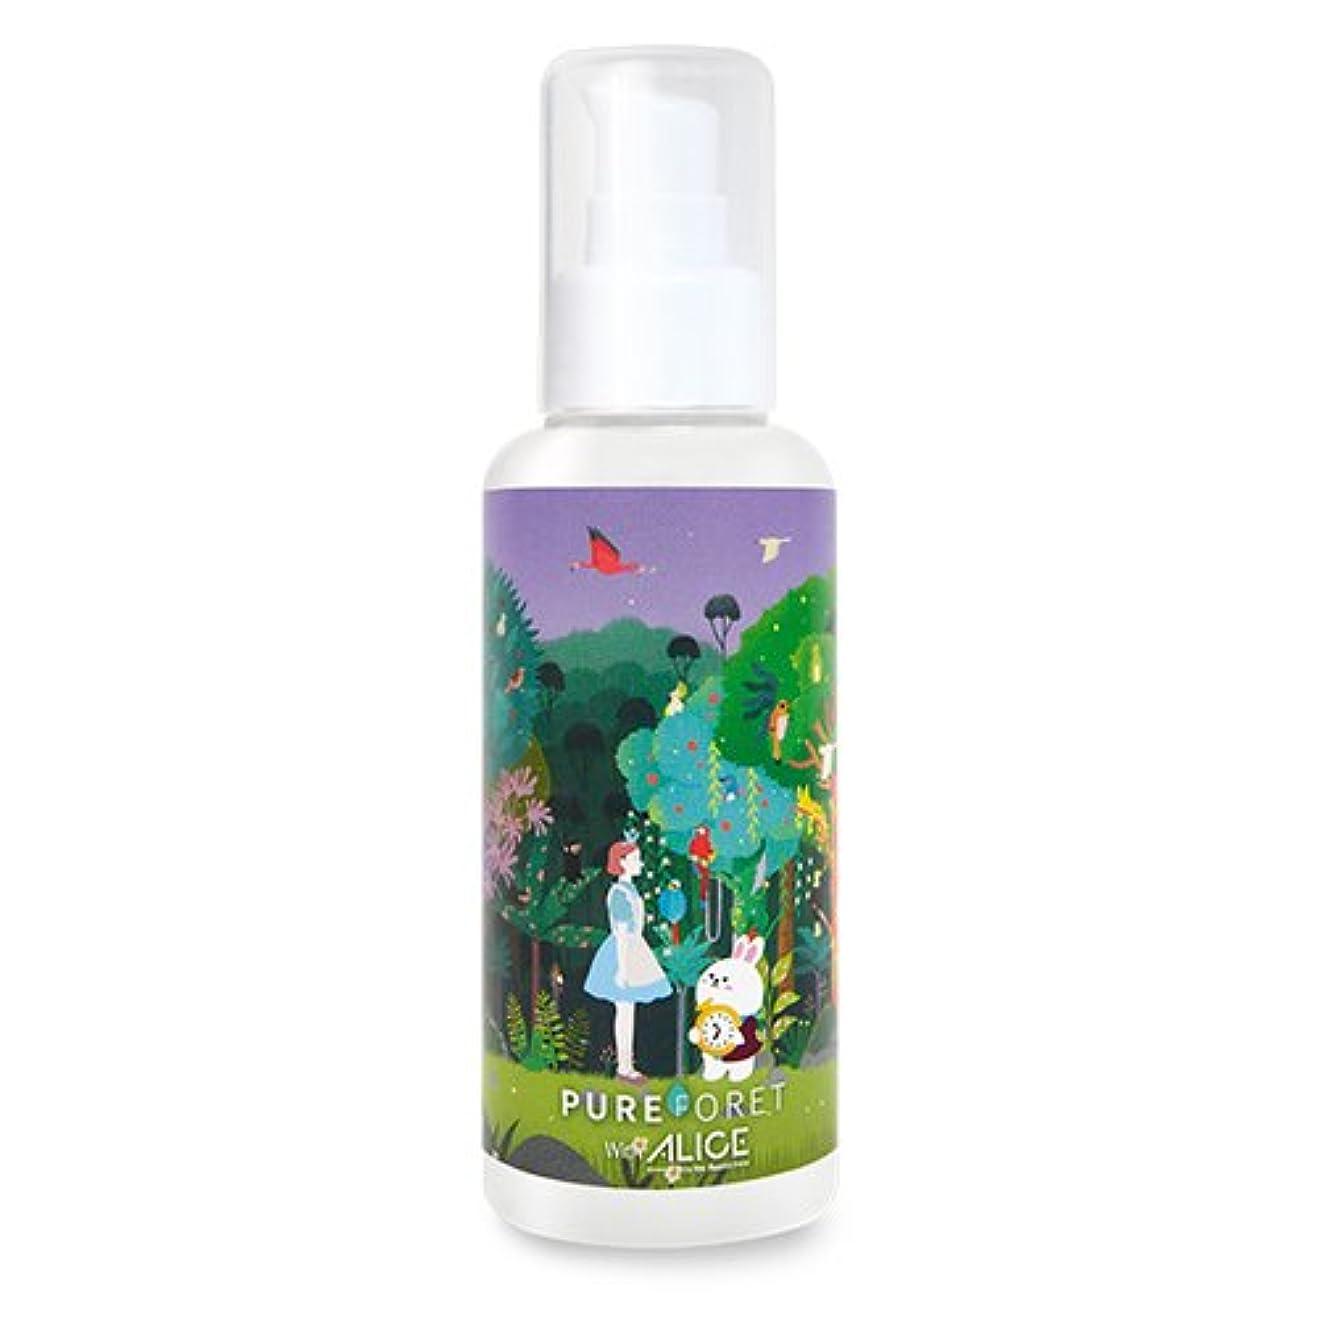 創傷量布韓国産 Pureforet x Alice スキンリペアラビット ハイドレーティング 乳液. (150ml)